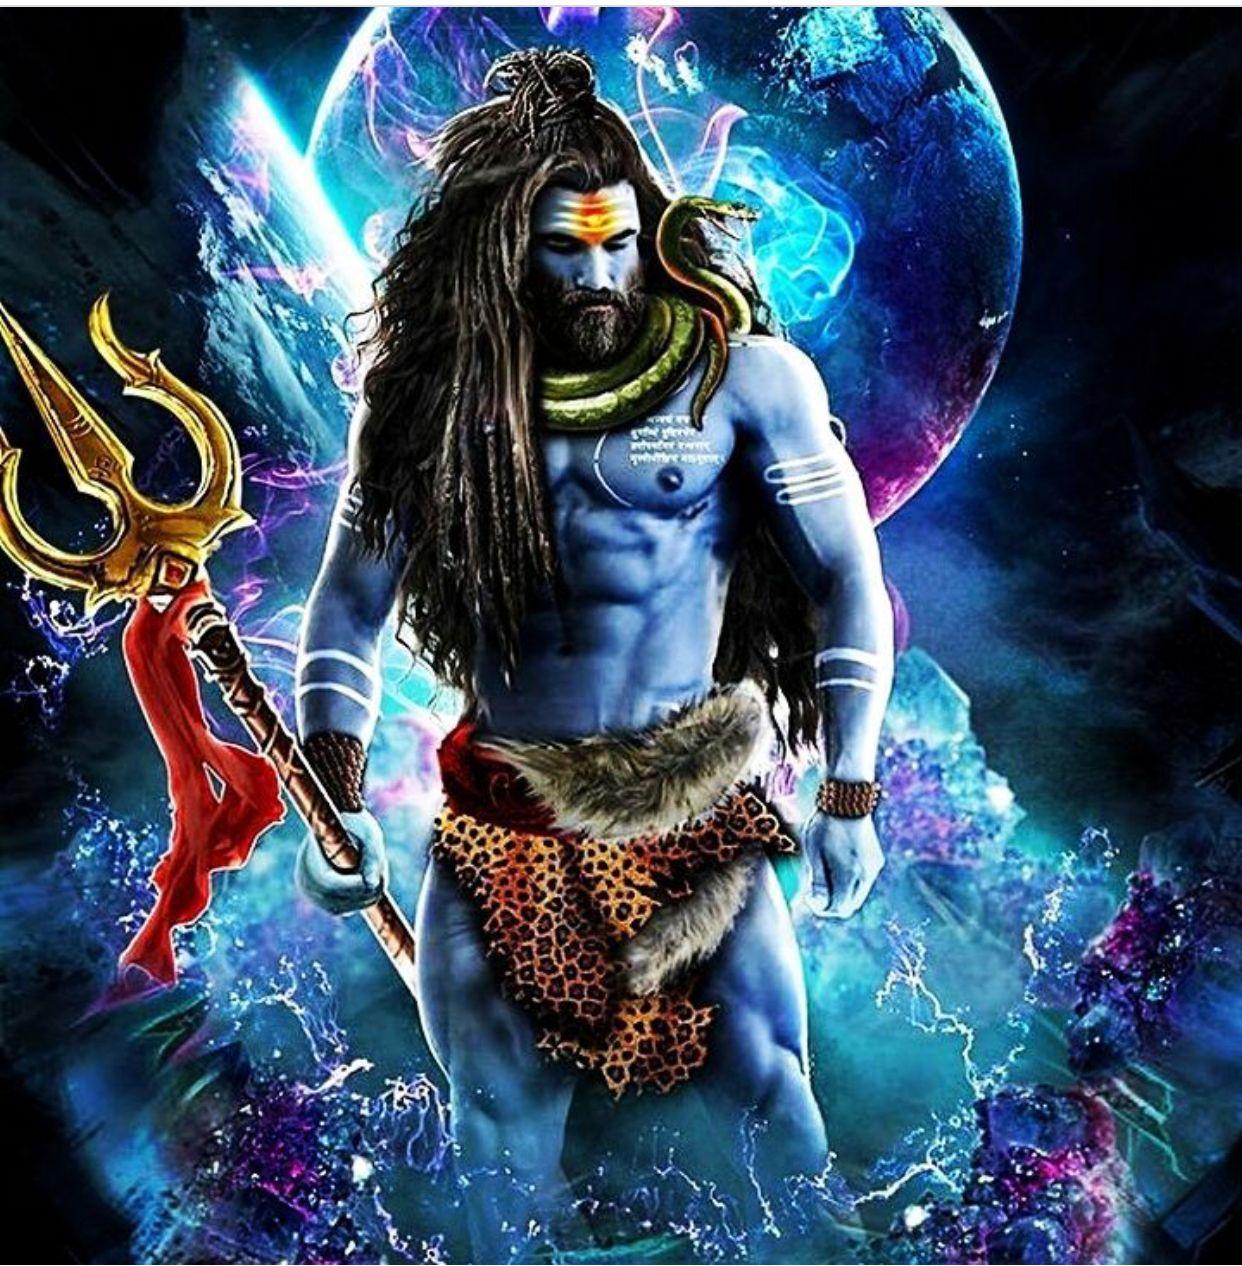 Har Har Mahadev | Lord shiva pics, Shiva photos, Lord shiva hd images